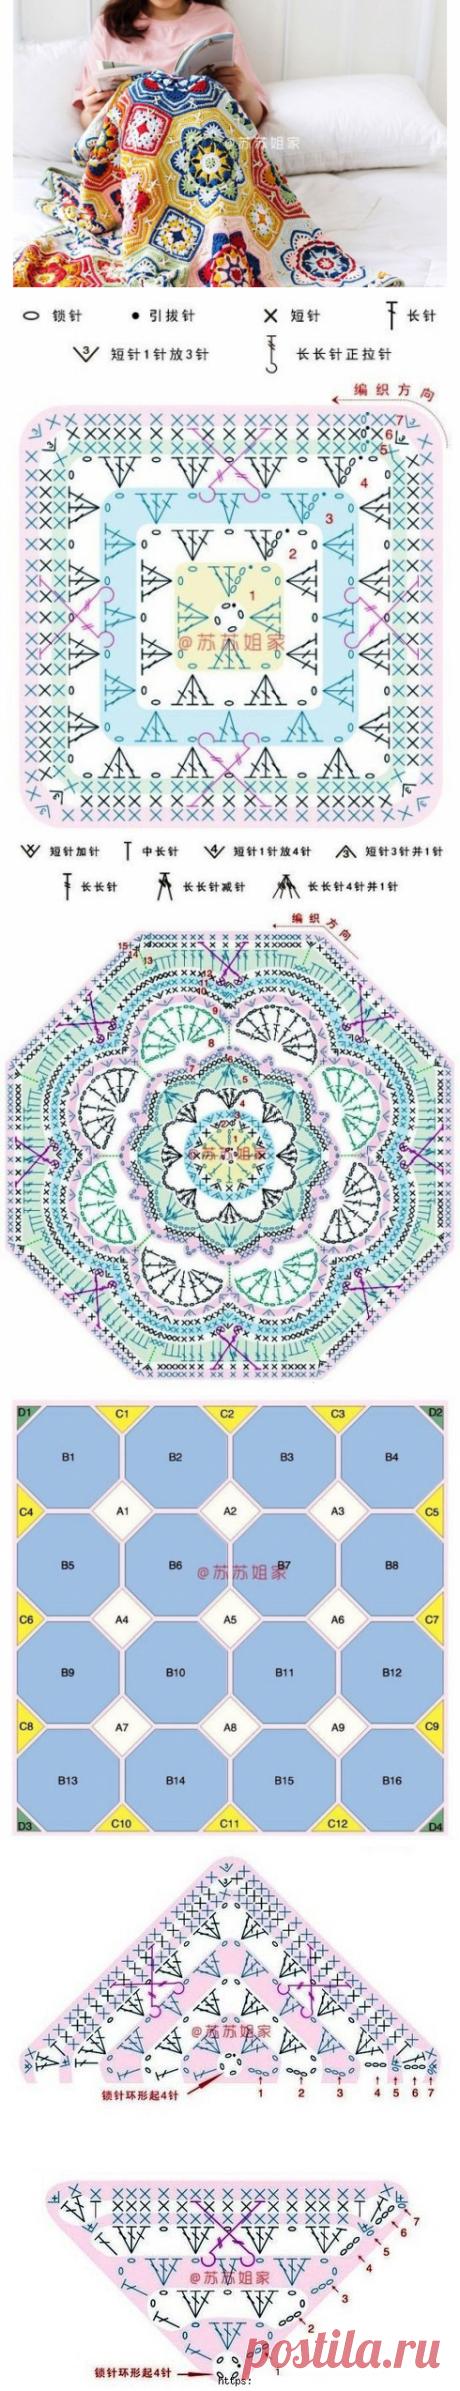 Вязаный плед из разноцветных мотивов. Схема